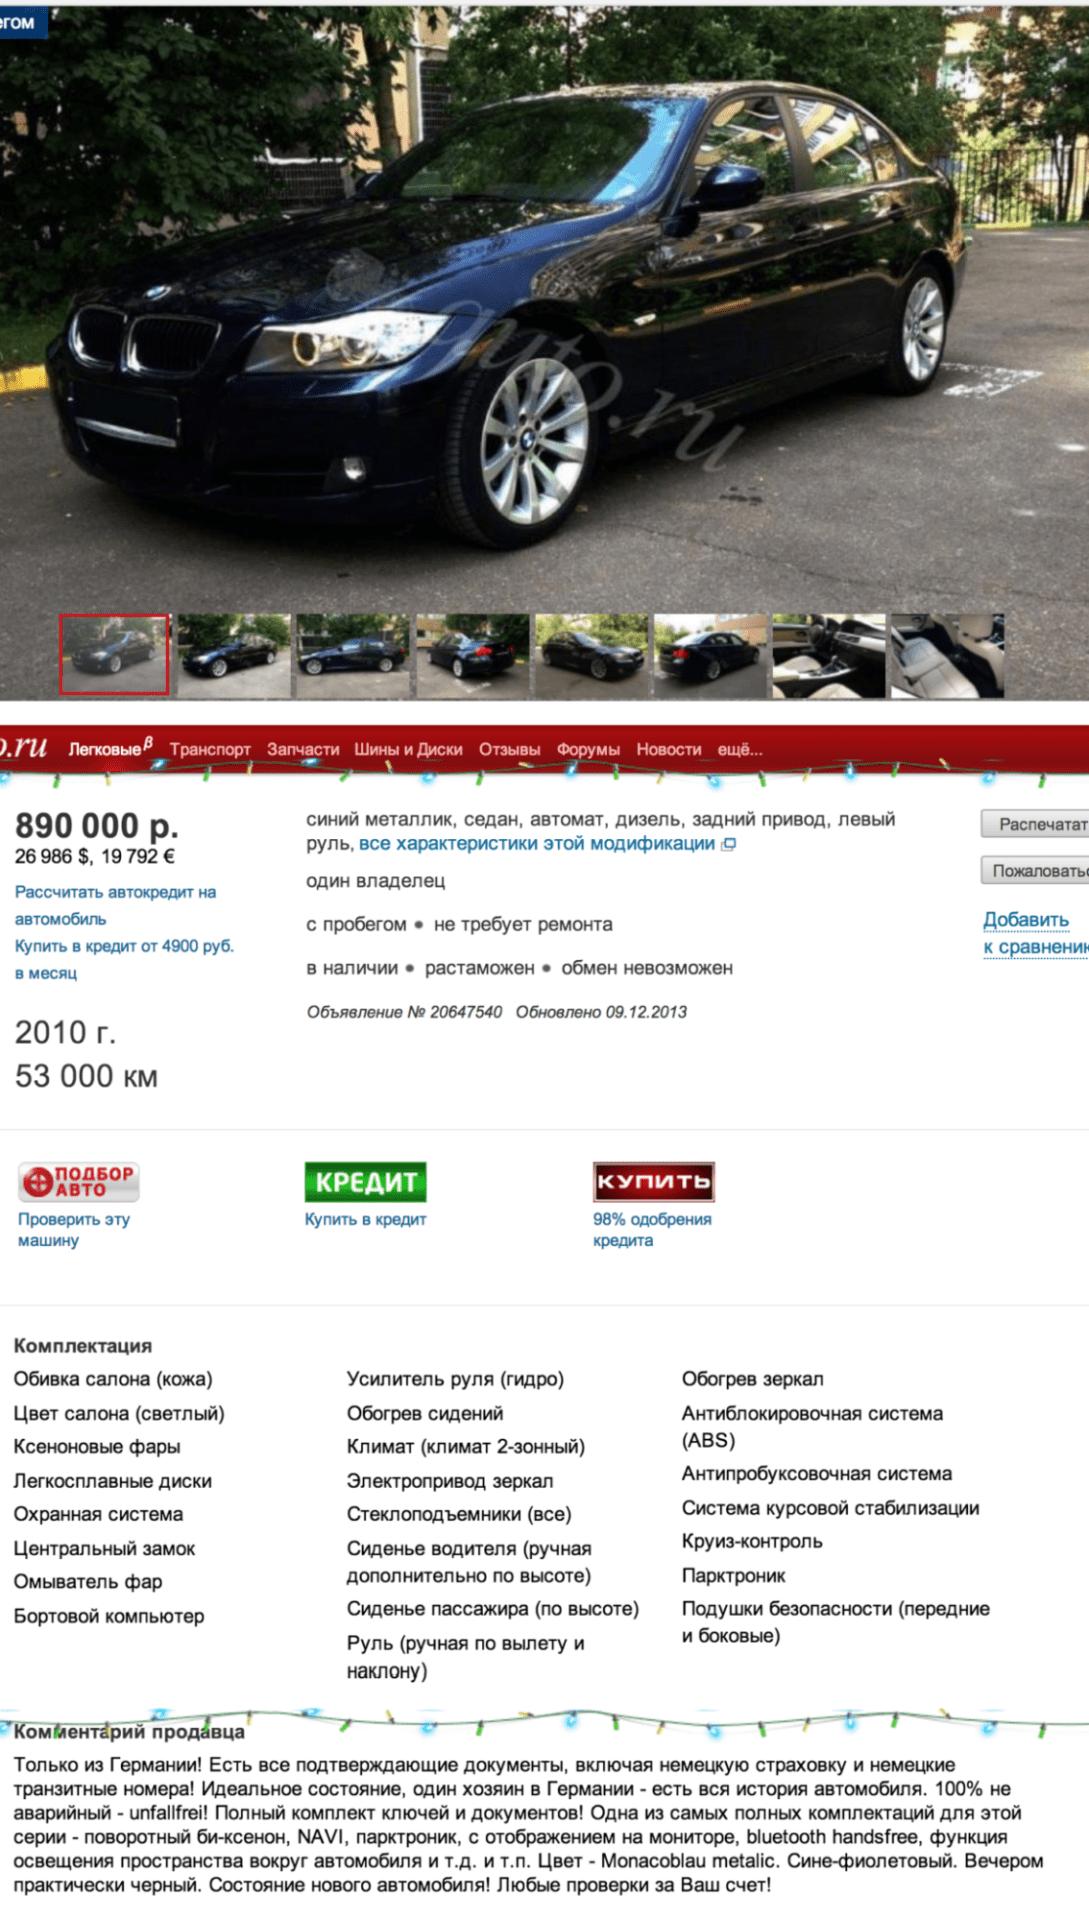 c36e818b38dd Не знаю как долго будет это объявление онлайн, но на момент написания  статьи он есть http   cars2.auto.ru cars used sale 20647540-b68eb7  и для  того что бы ...